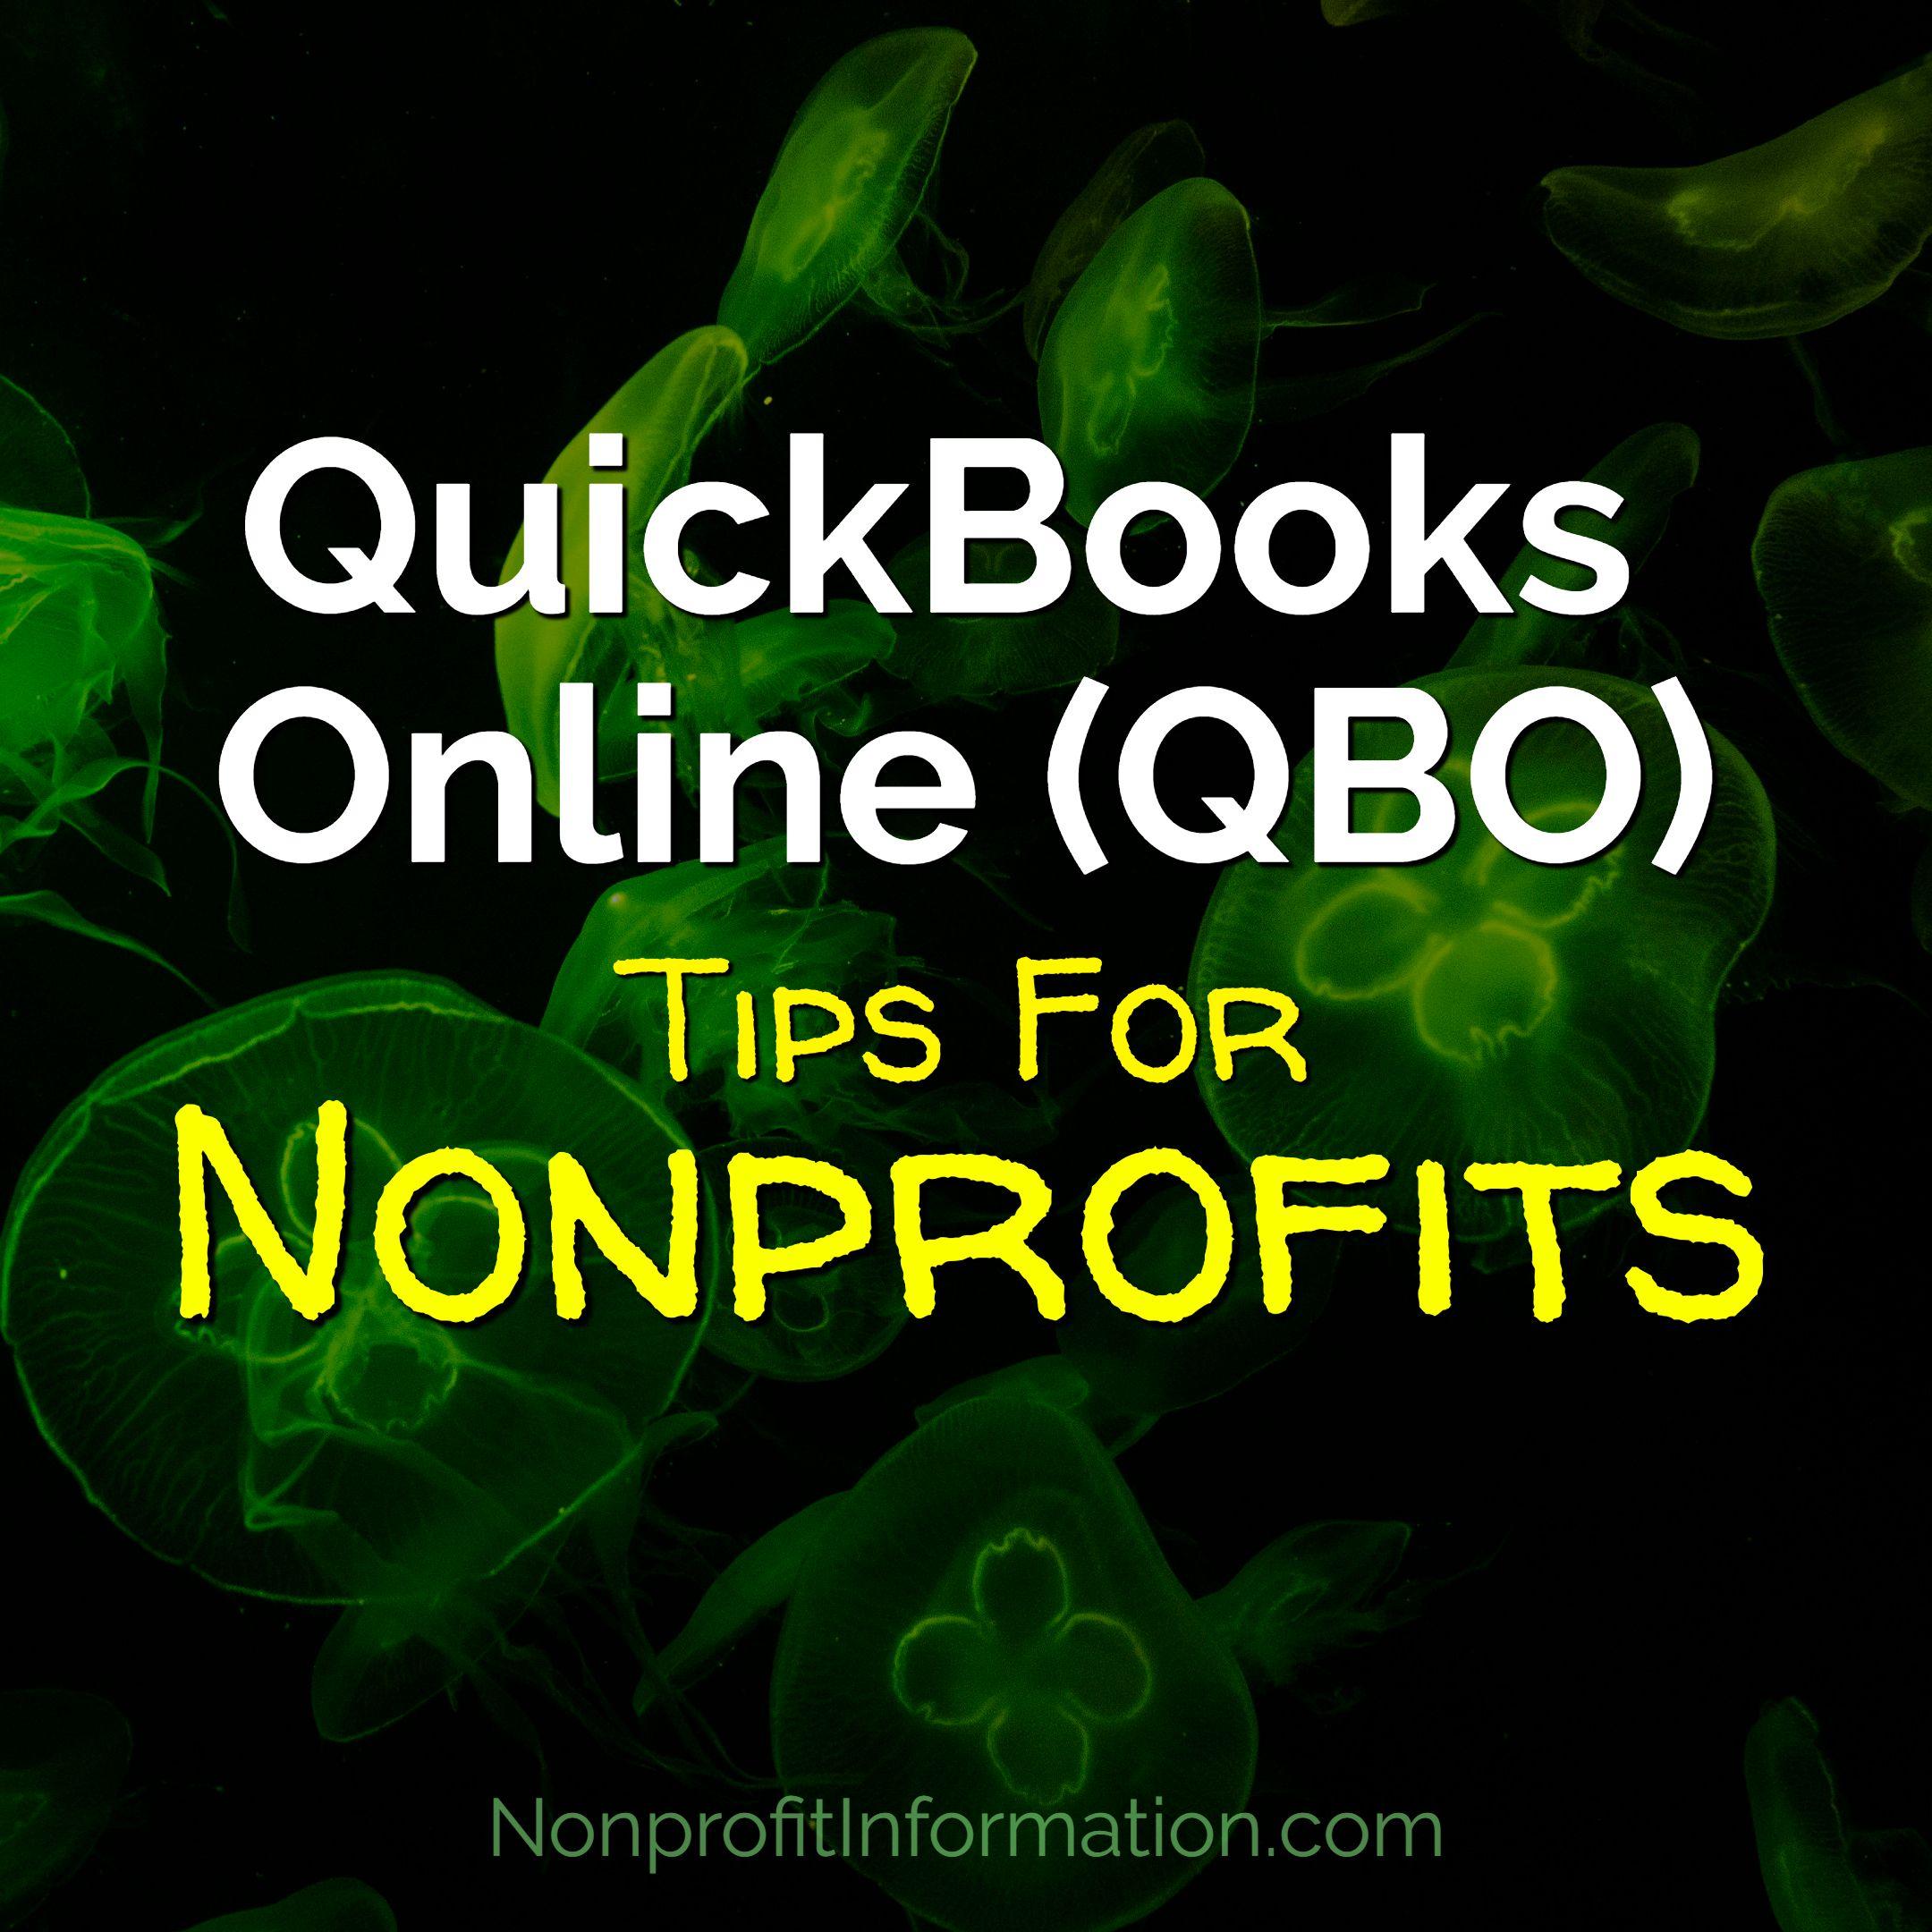 quickbooks online nonprofit